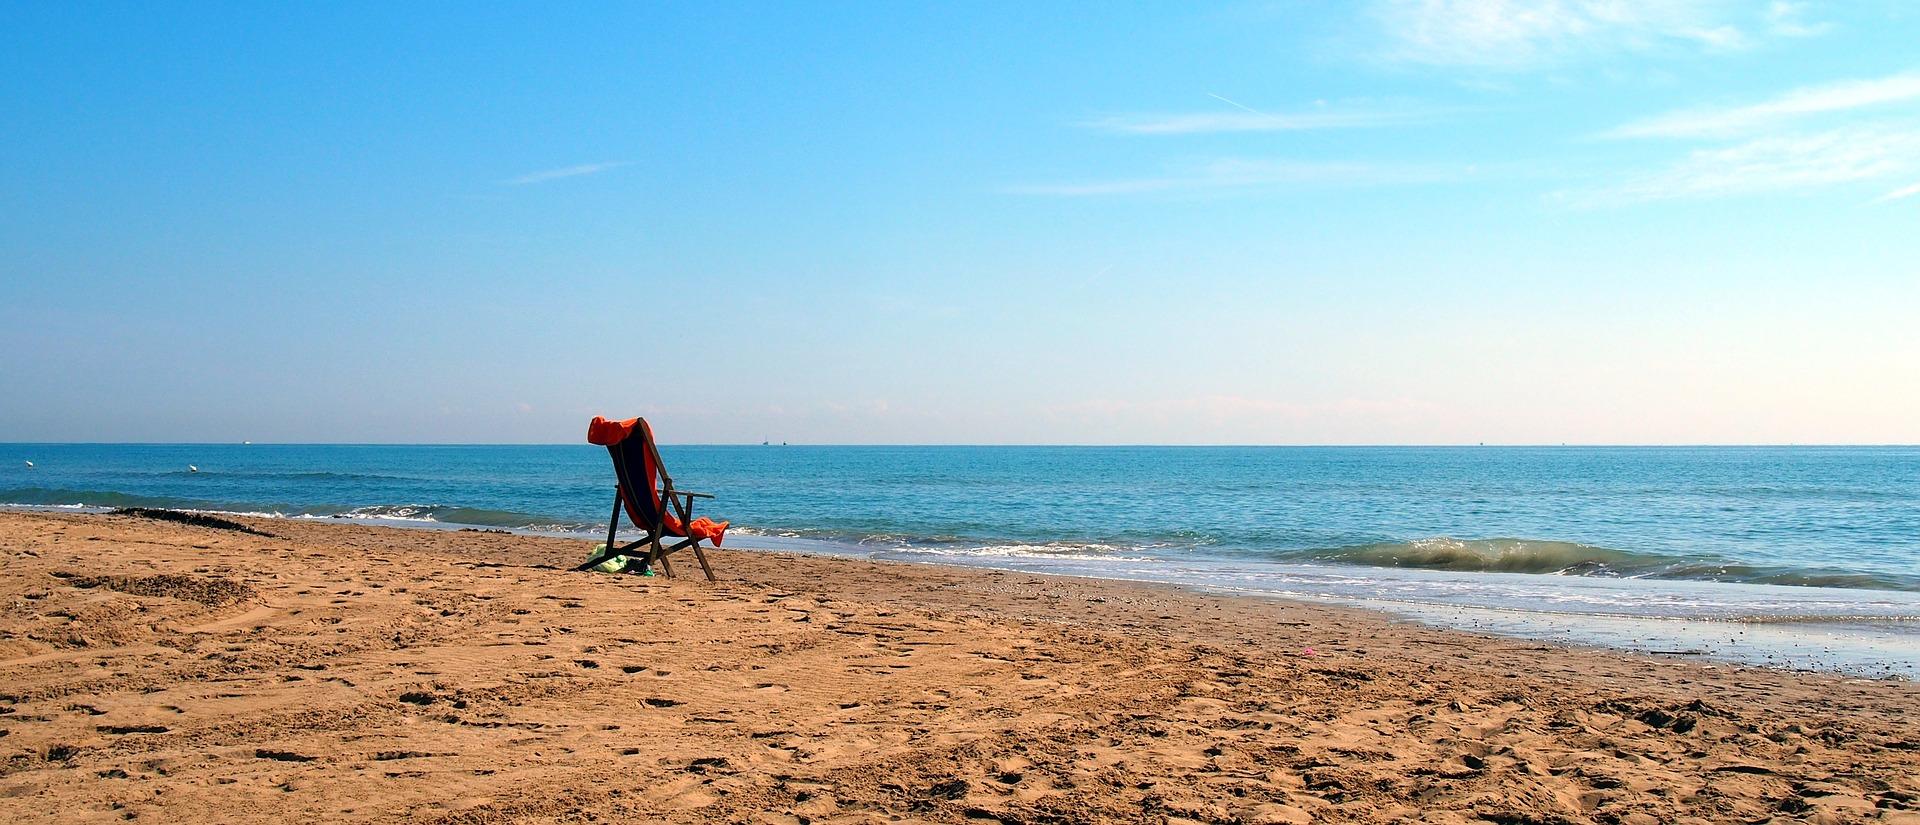 beach-2086798_1920